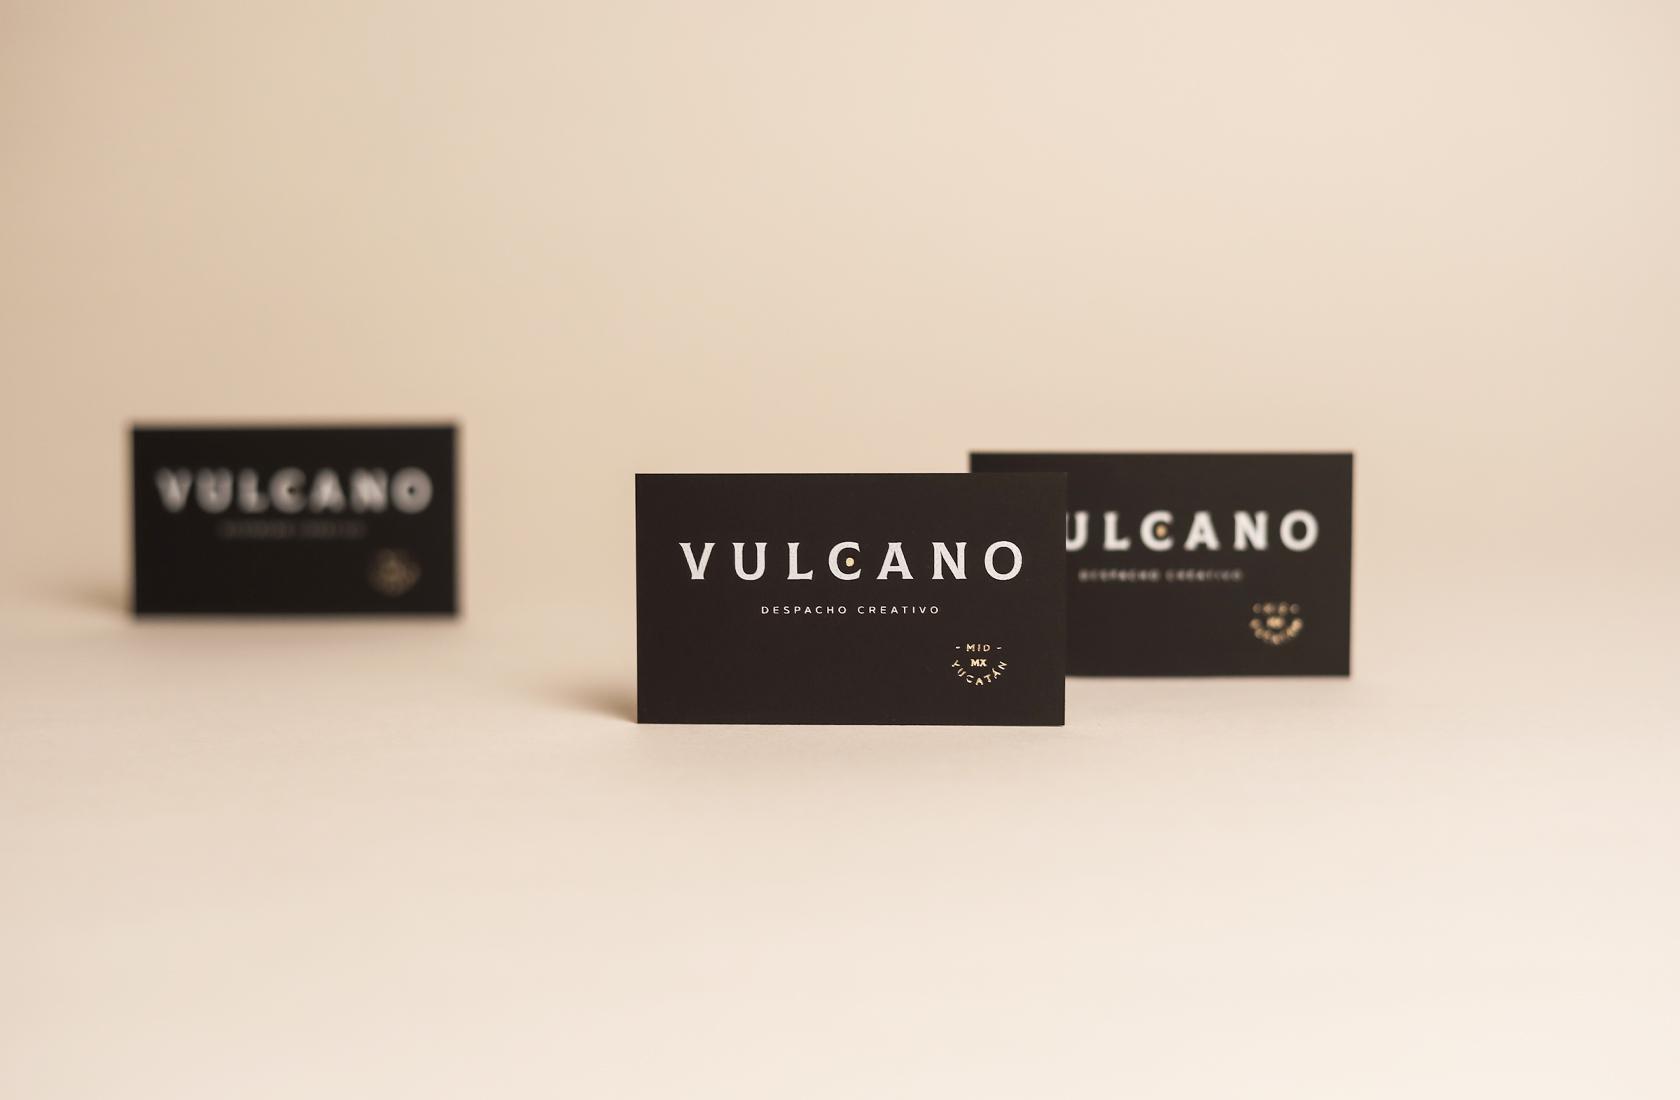 VULCANO-1